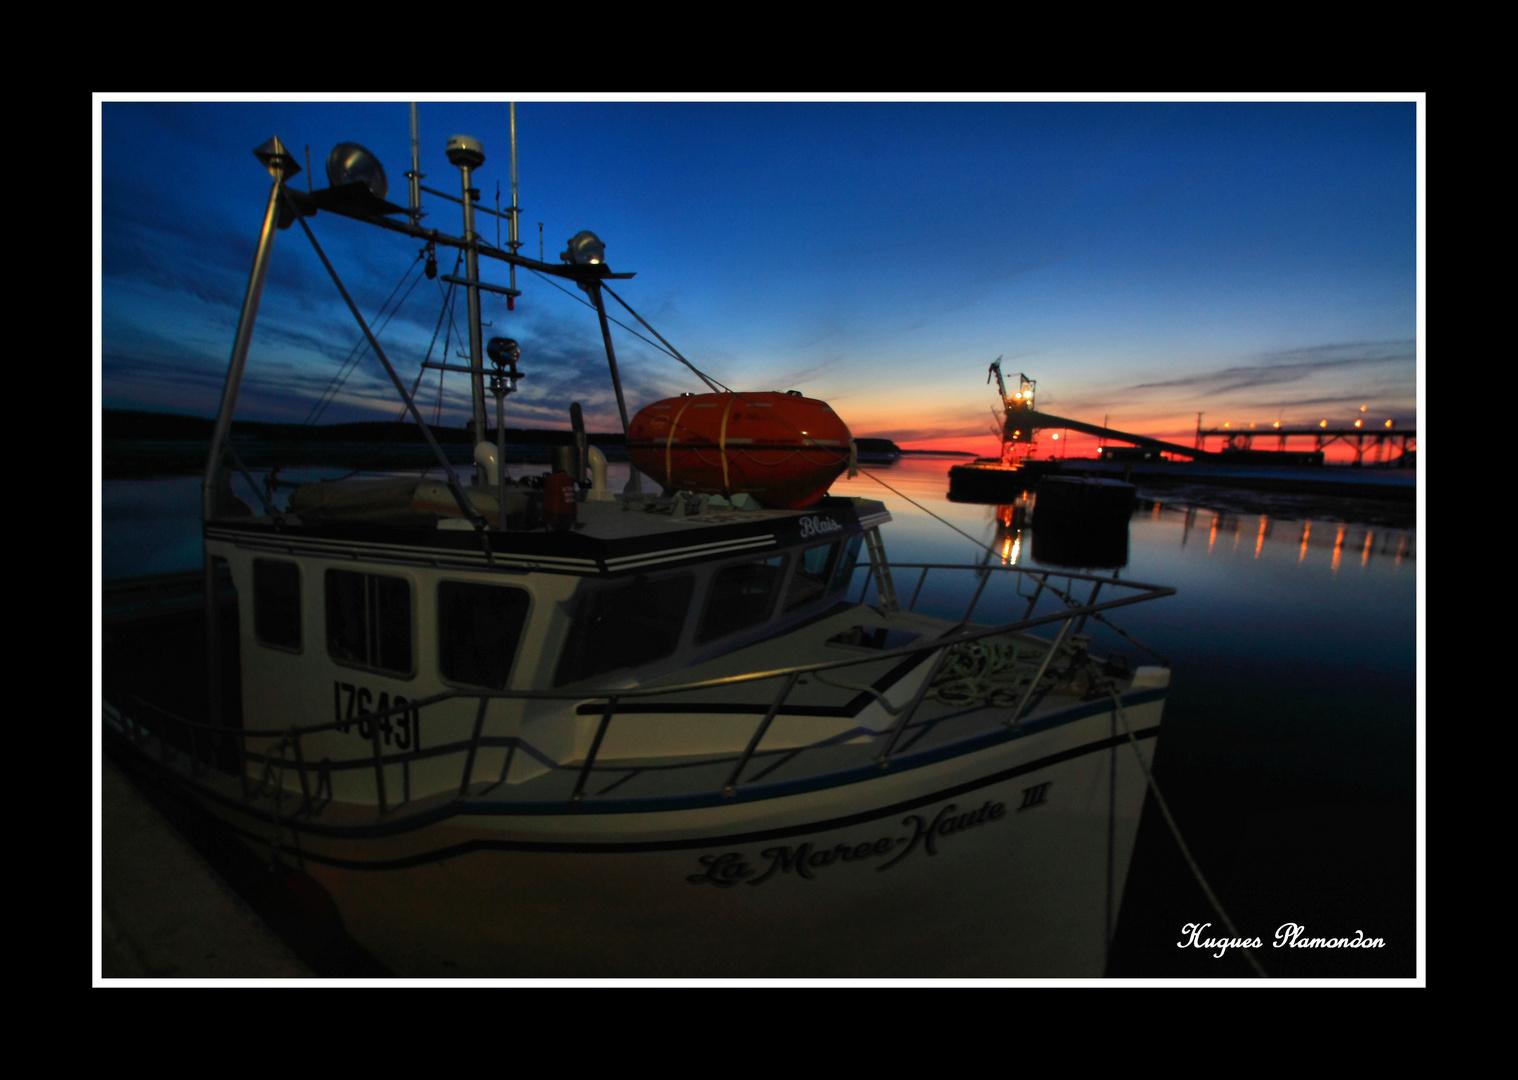 Le retour de la pêche sur la mer